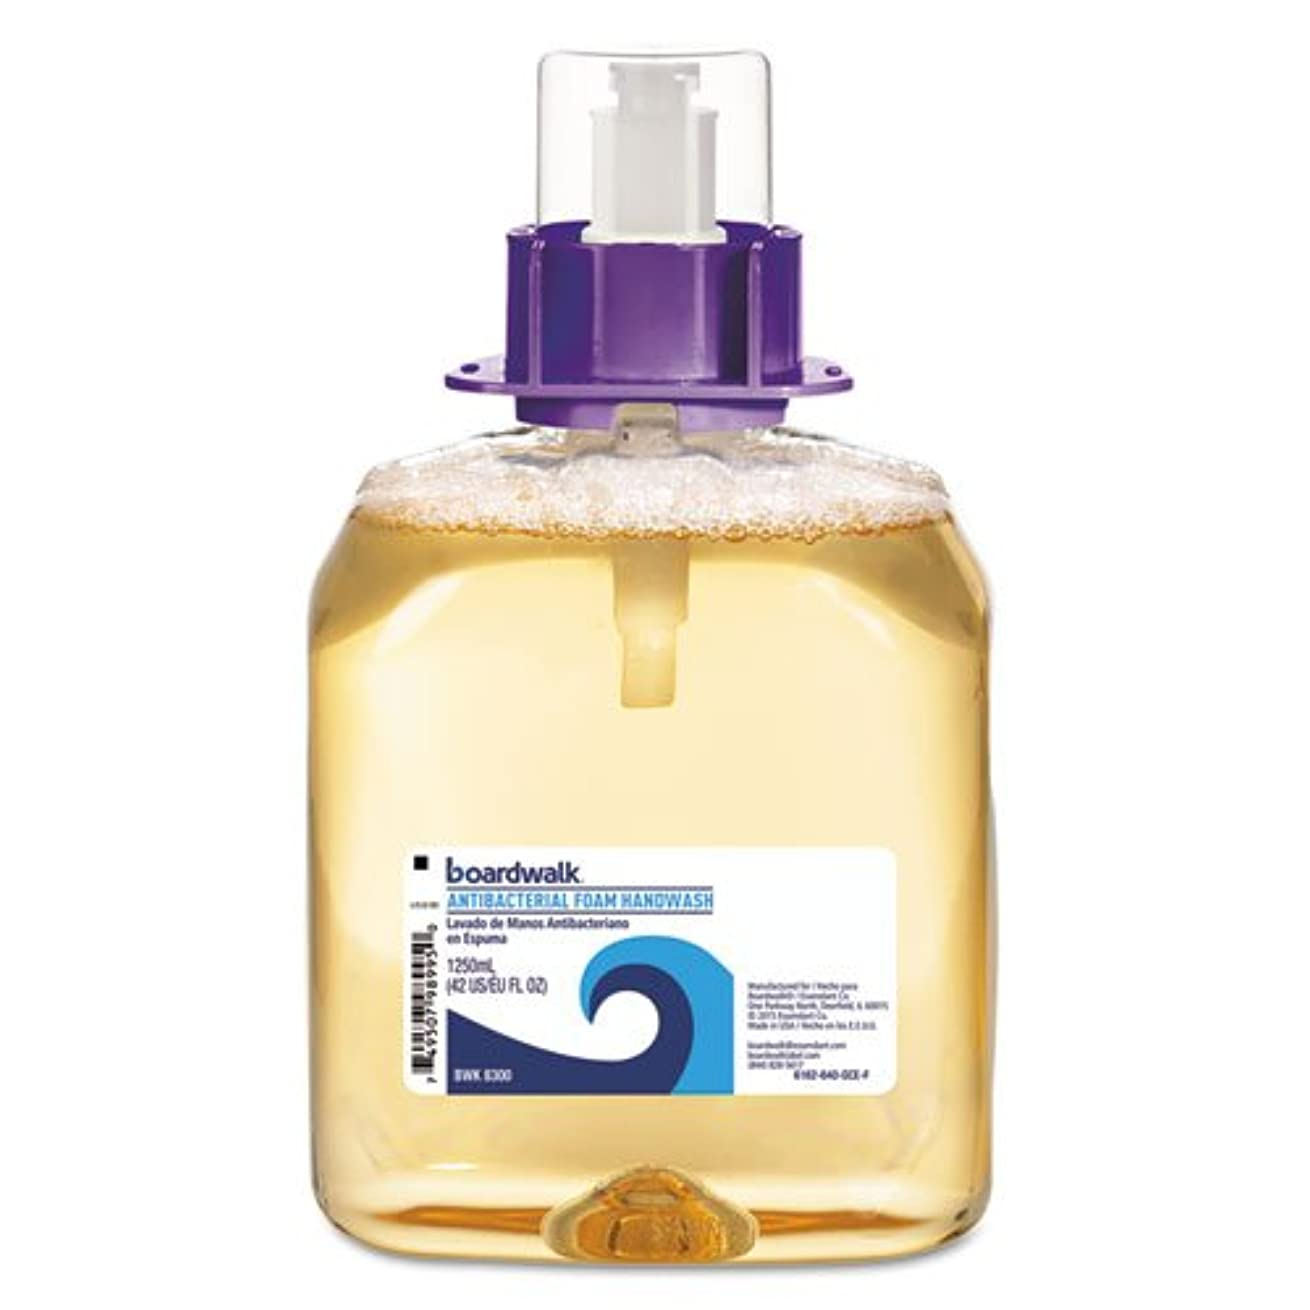 構造払い戻し人に関する限りbwk8300 – Foam Antibacterial Handwash